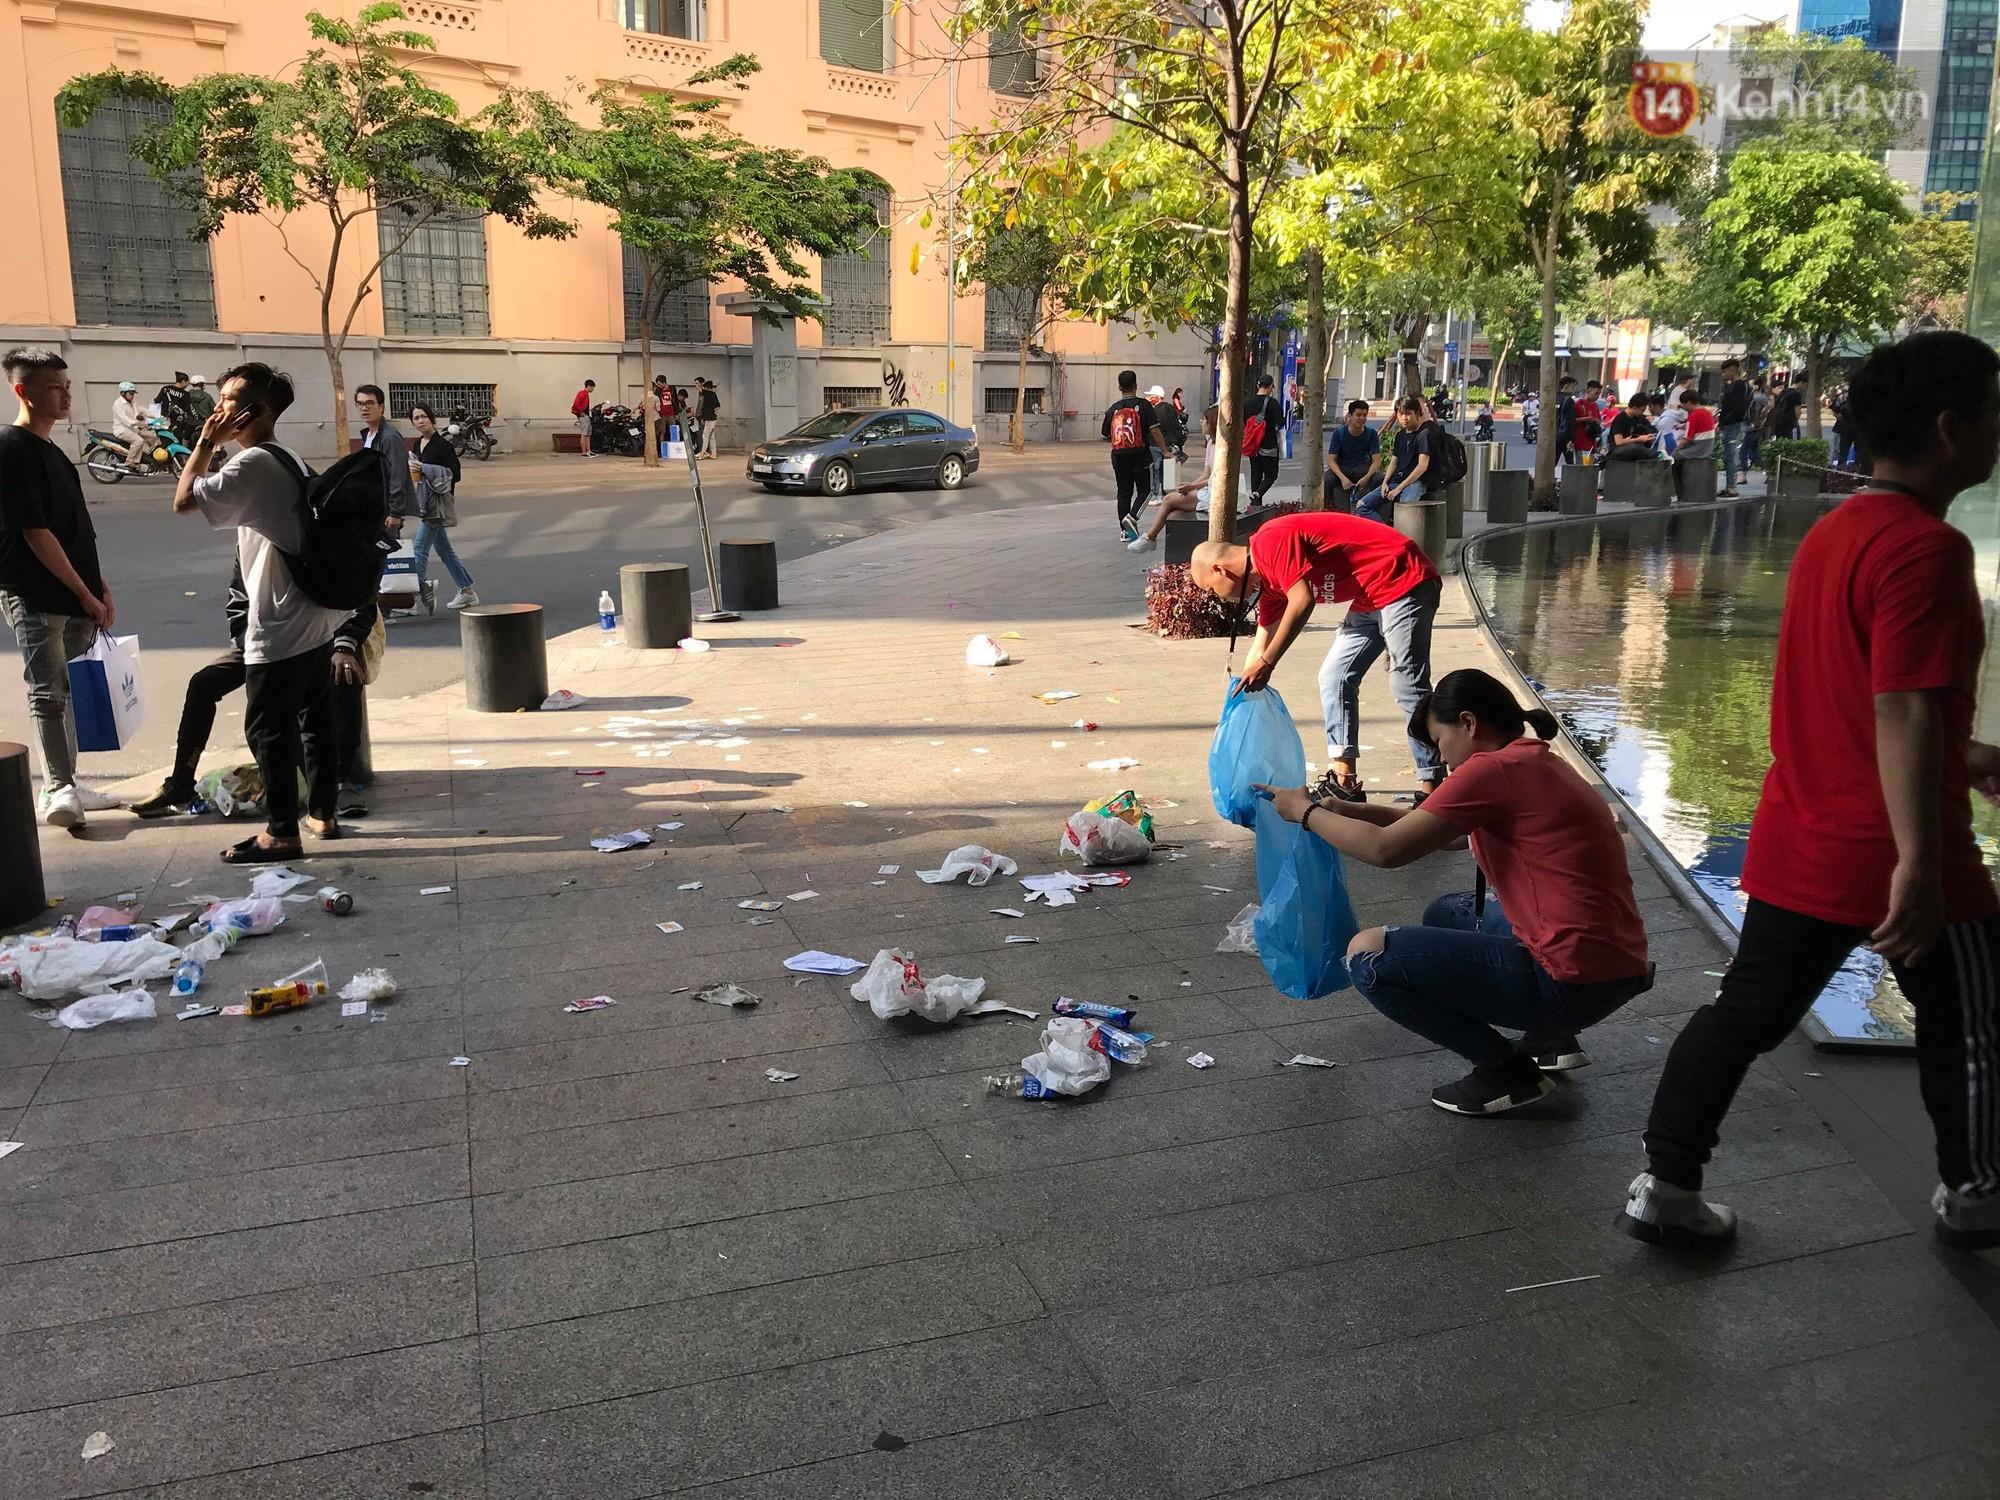 Ngao ngán cảnh vỏ túi nilon, chai nhựa... la liệt sau đêm xếp hàng canh mua giày Adidas của các bạn trẻ ở Sài Gòn - Ảnh 7.